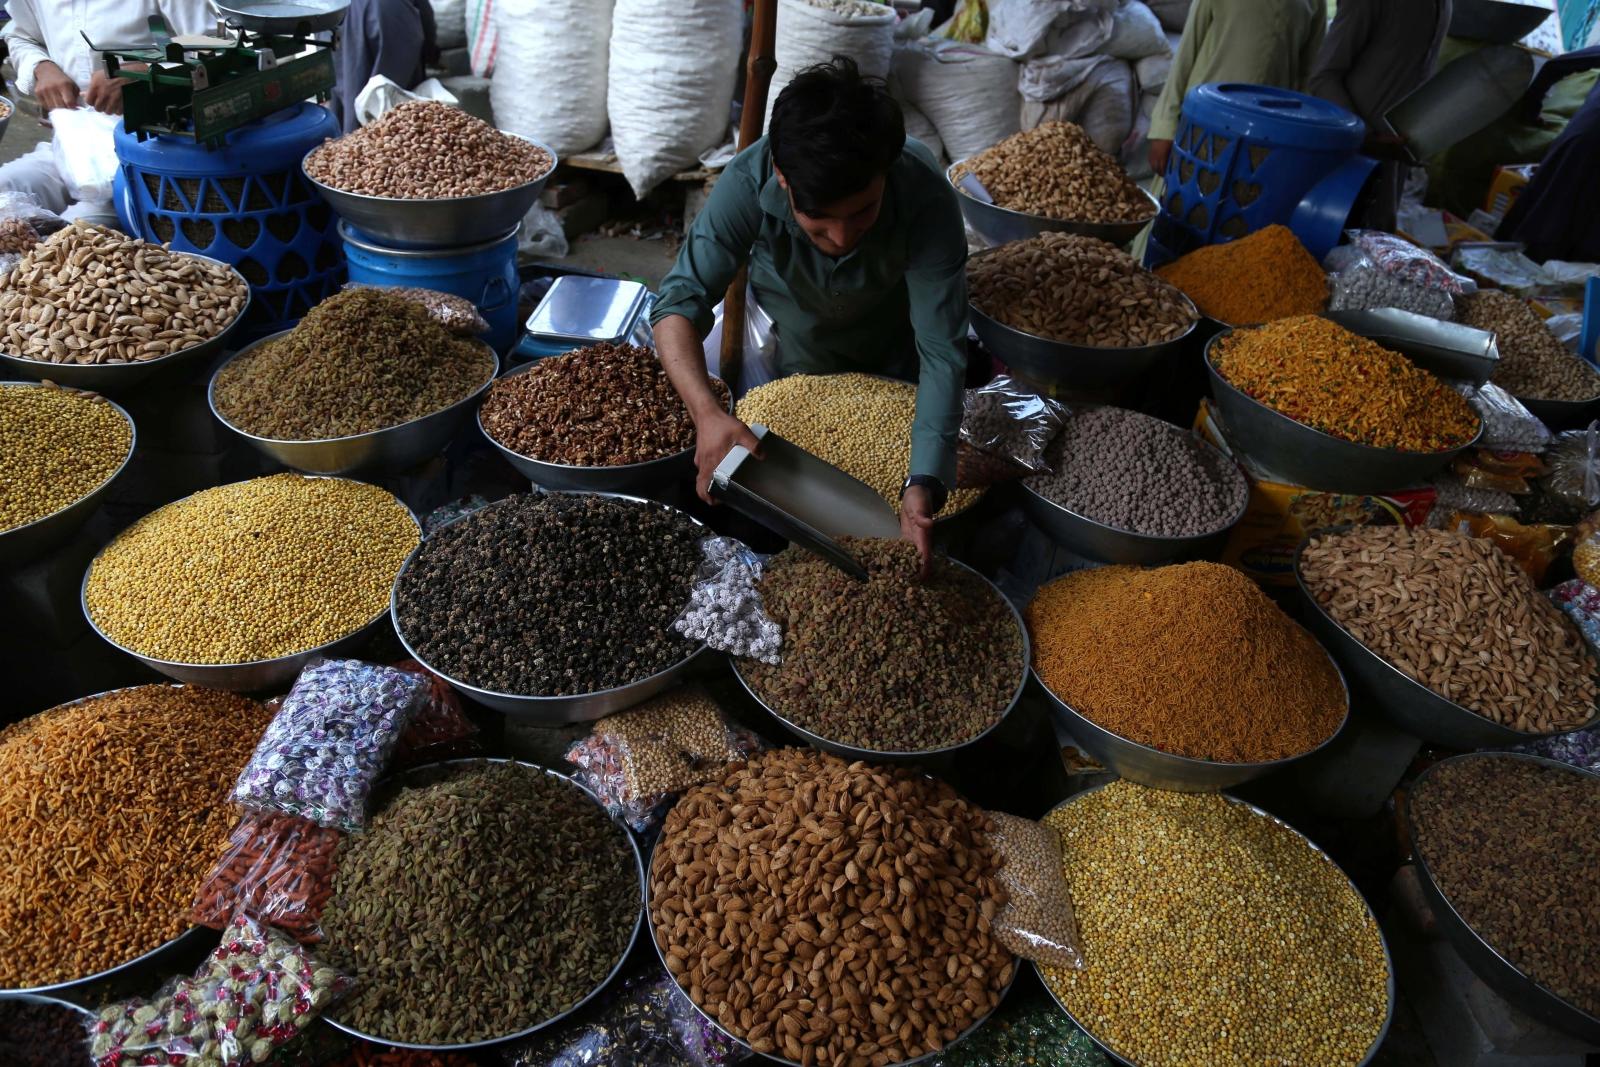 Sprzedaż suszonych owoców w Afganistanie. Fot. EPA/GHULAMULLAH HABIBI Dostawca: PAP/EPA.